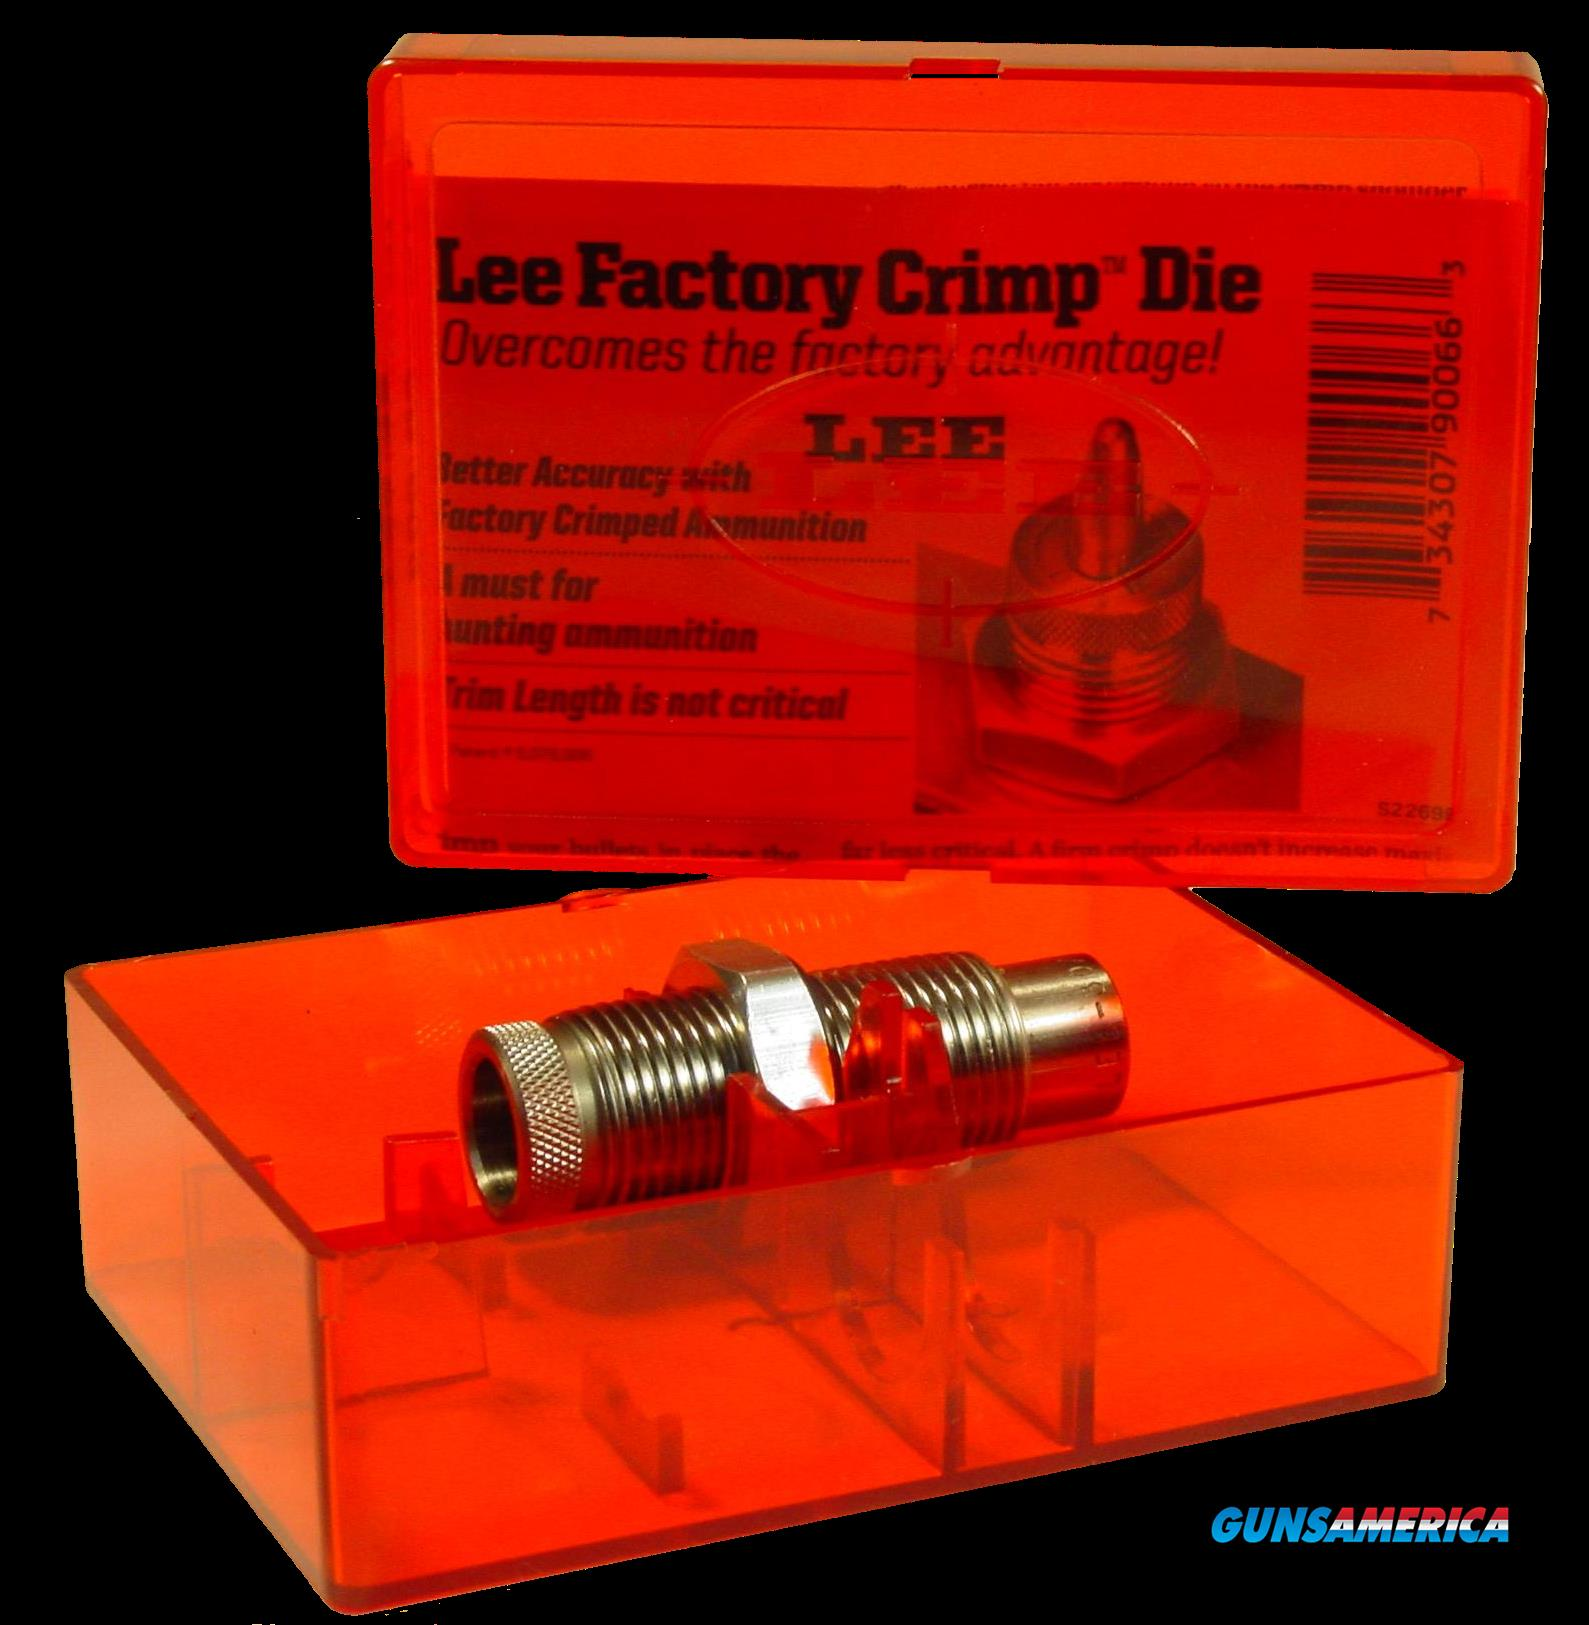 Lee Factory, Lee 90844 Fact Crimp Die 300 Sav  Guns > Pistols > 1911 Pistol Copies (non-Colt)